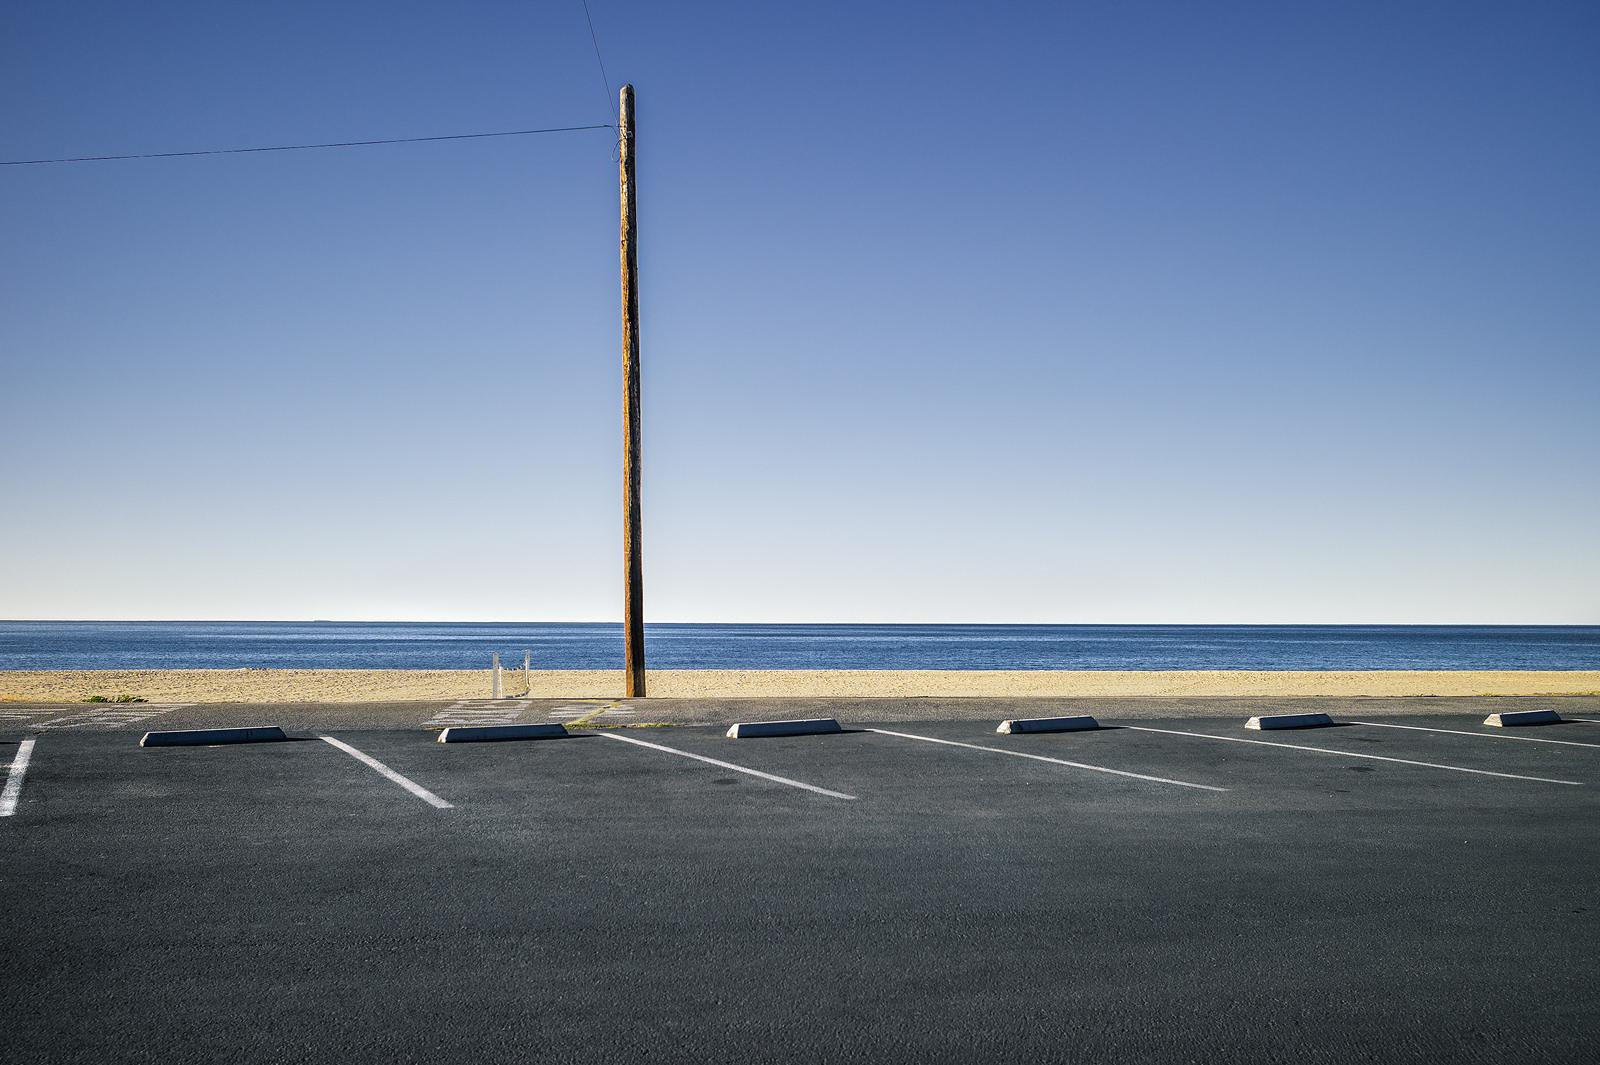 Beach Parking, Santa Monica, CA